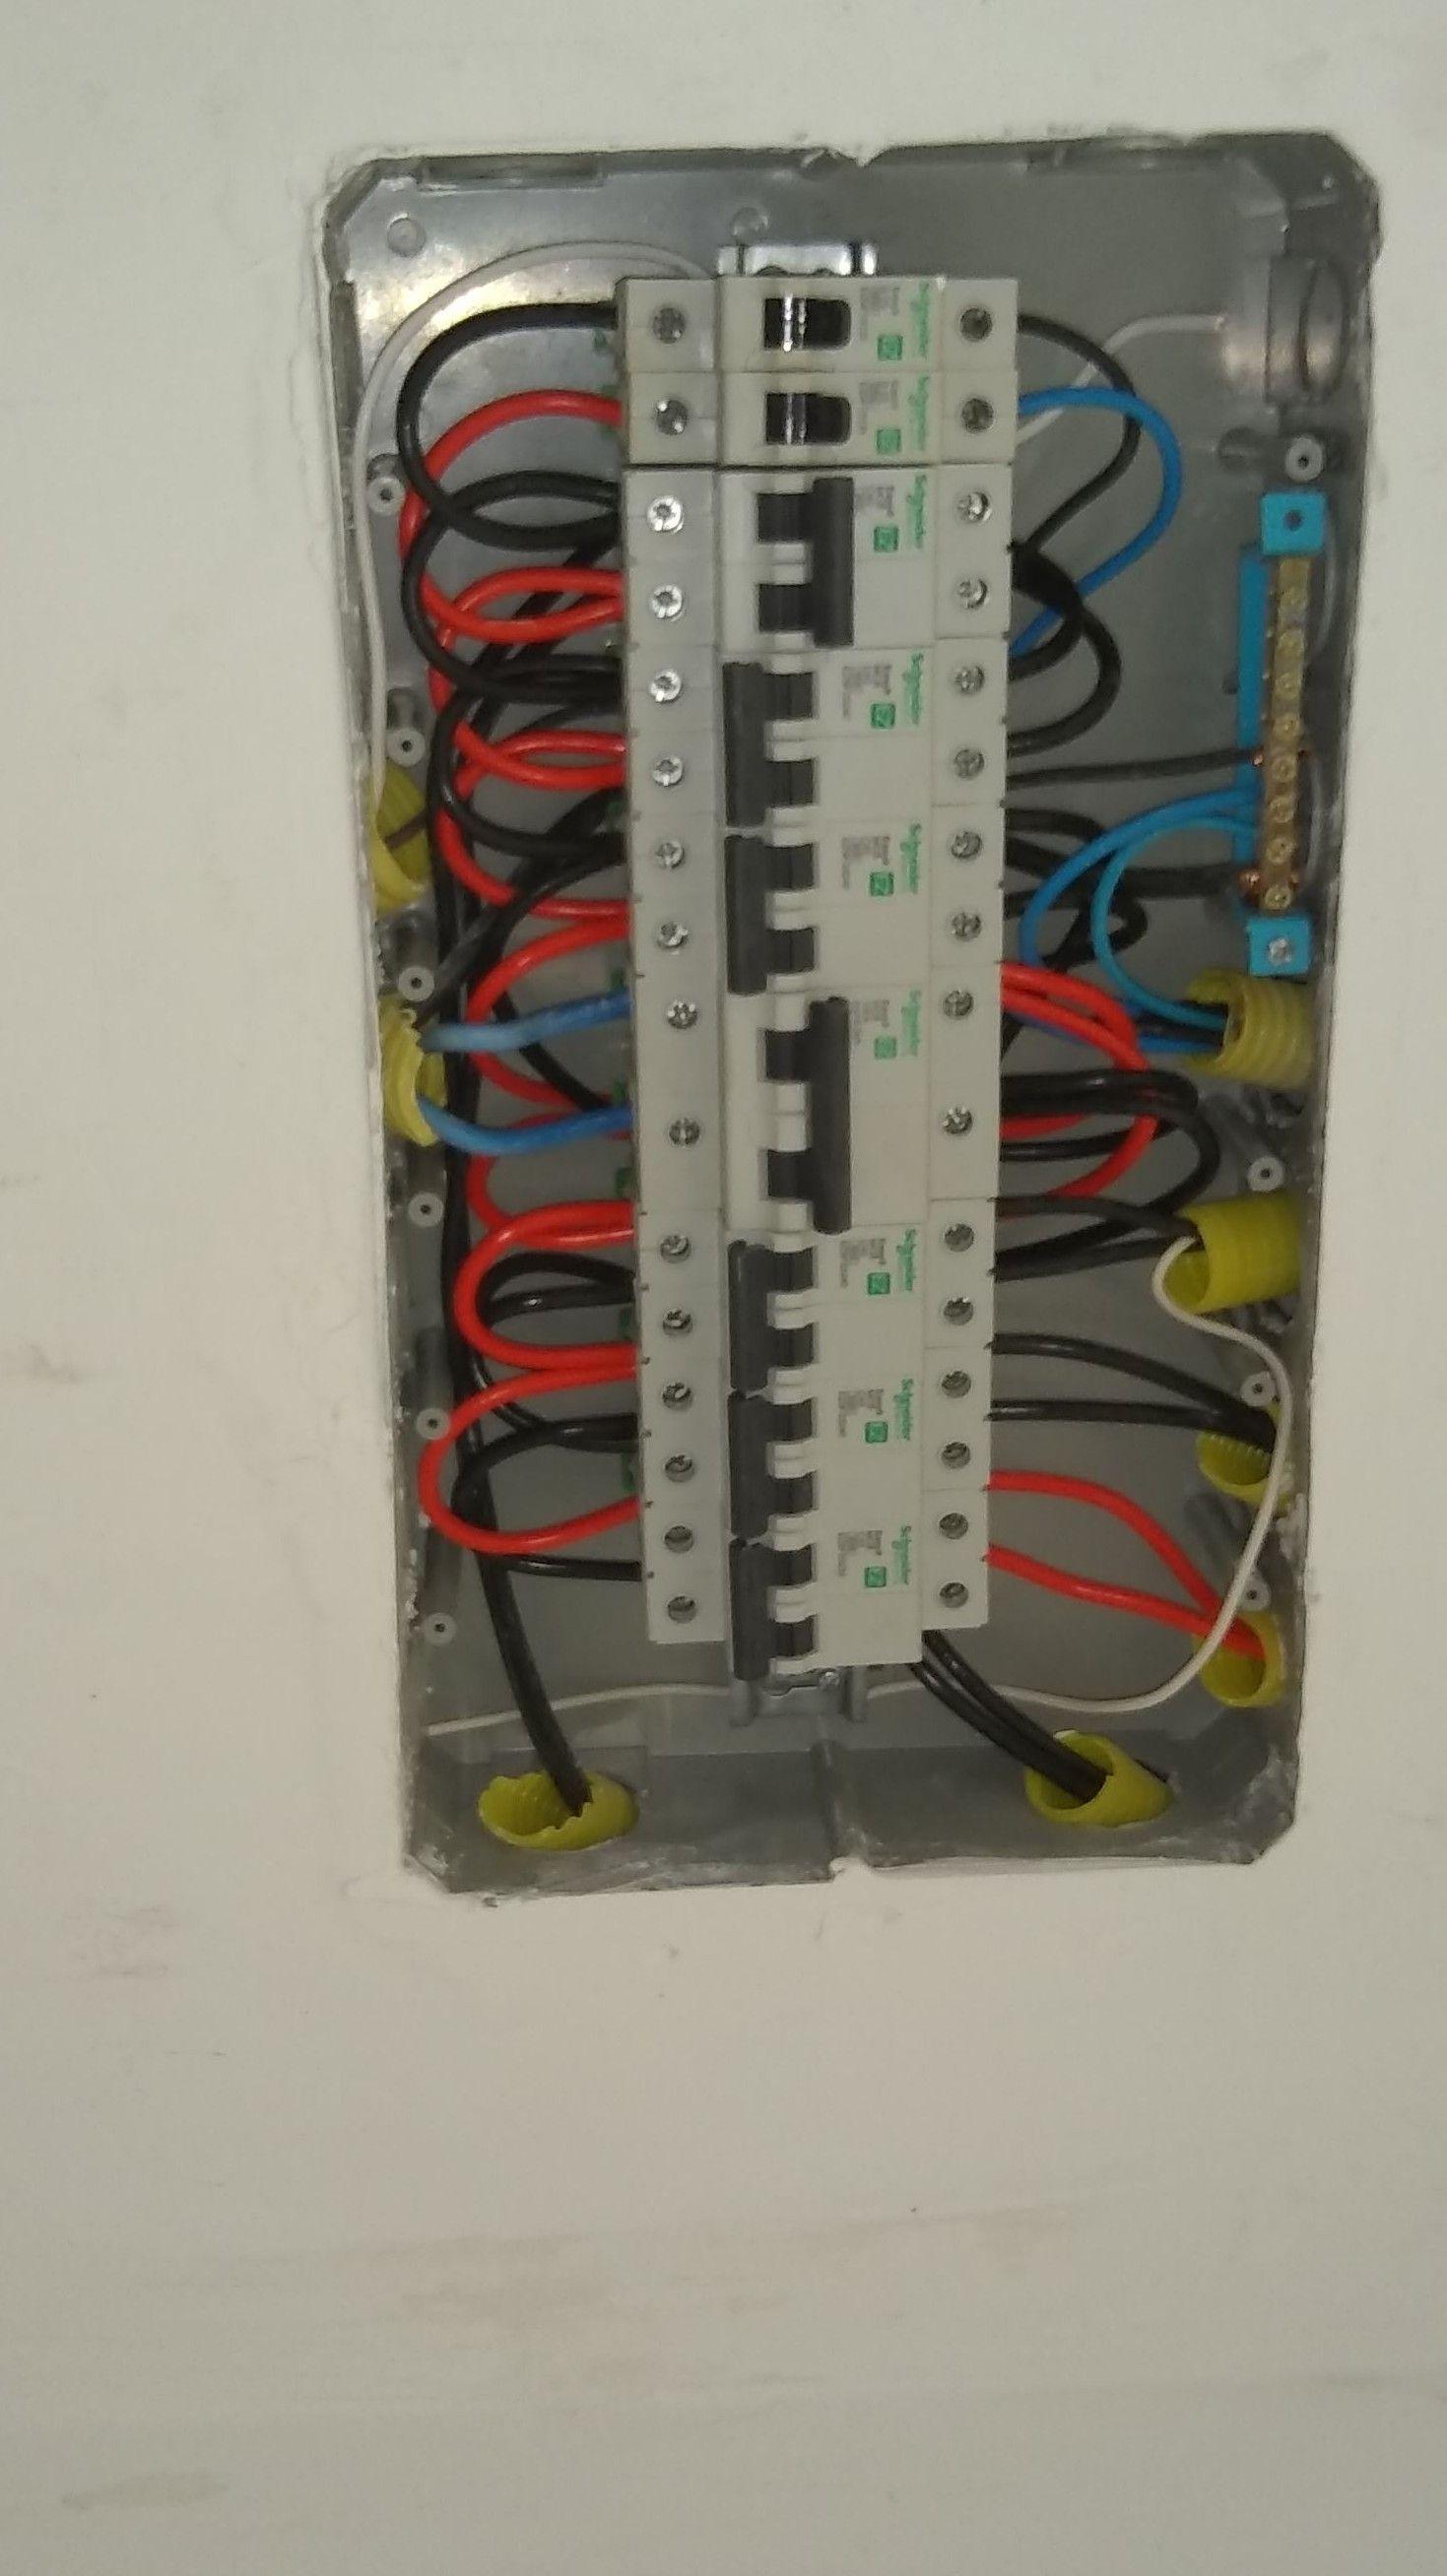 Desmontagem de painel elétrico